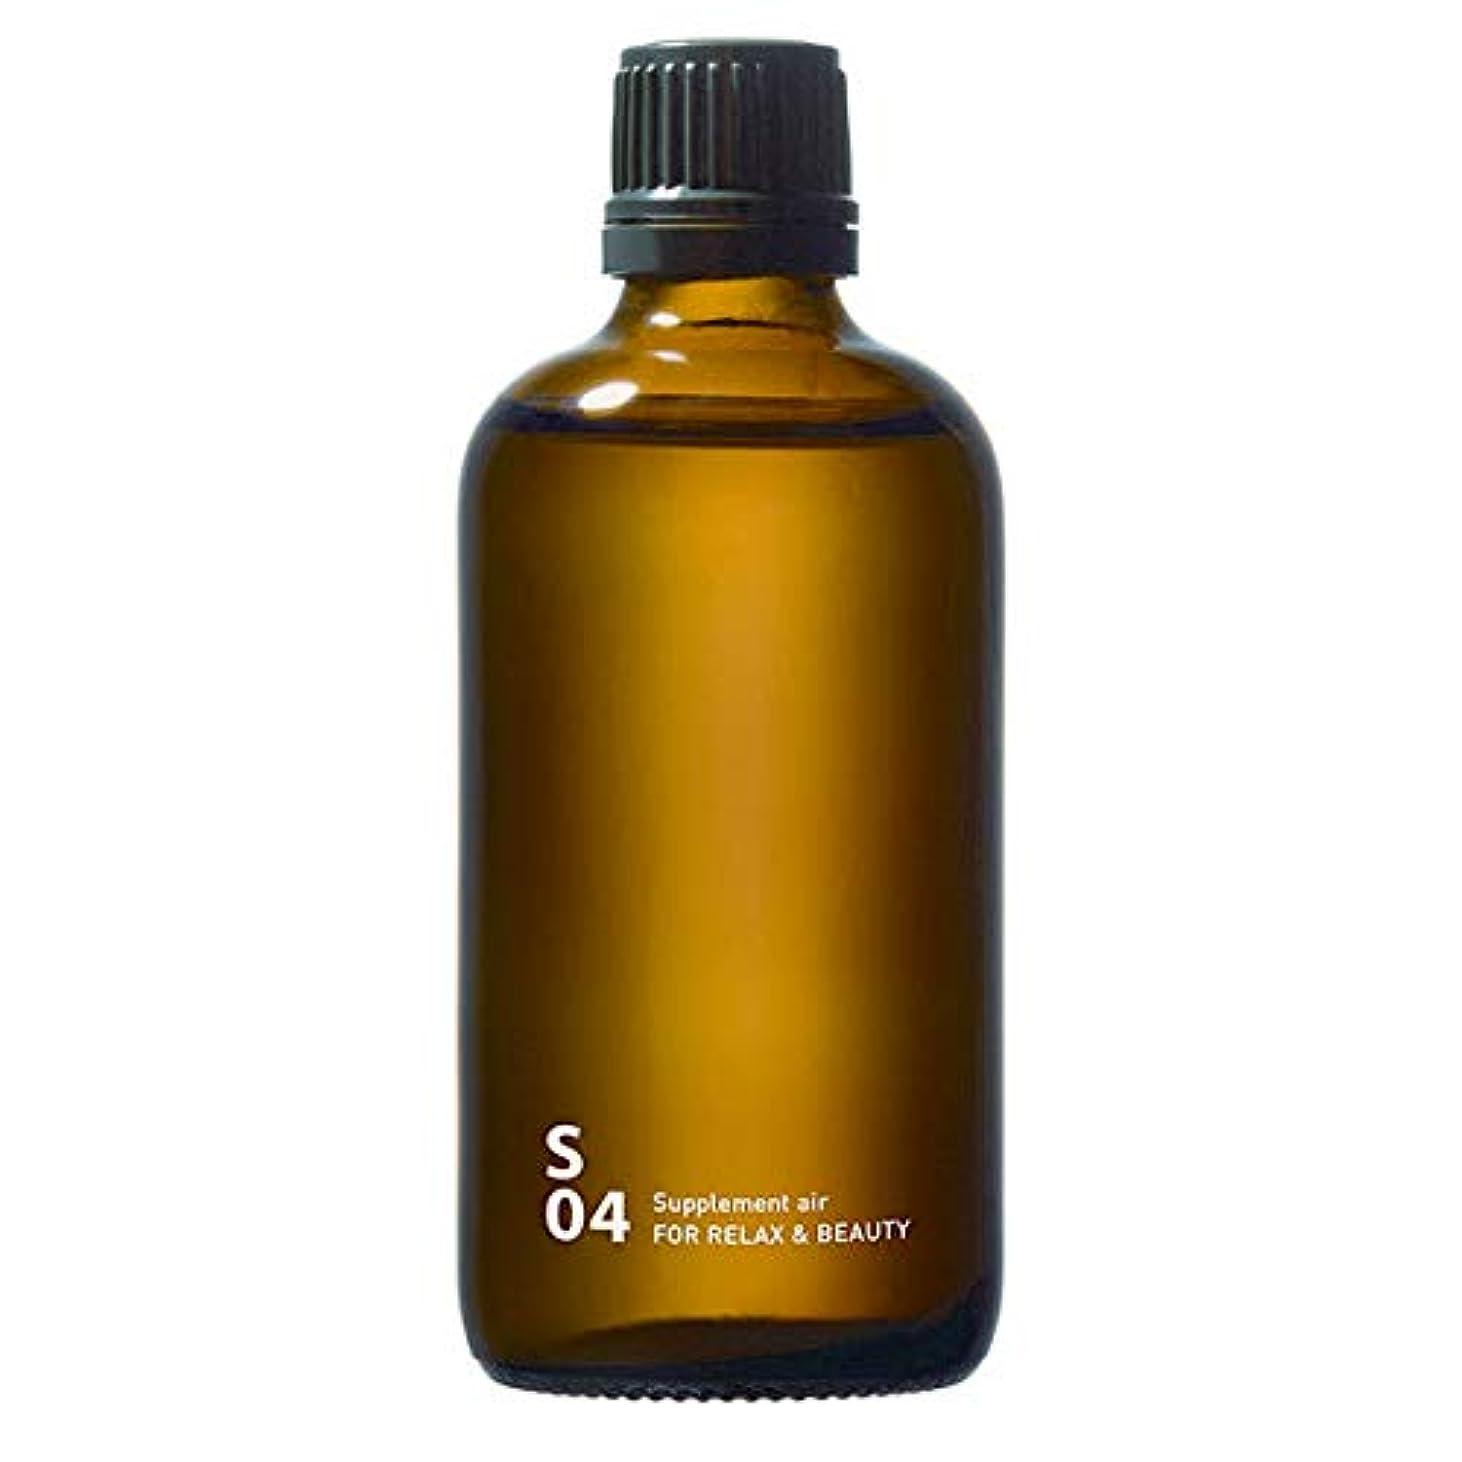 愚か逸話舌なS04 FOR RELAX & BEAUTY piezo aroma oil 100ml